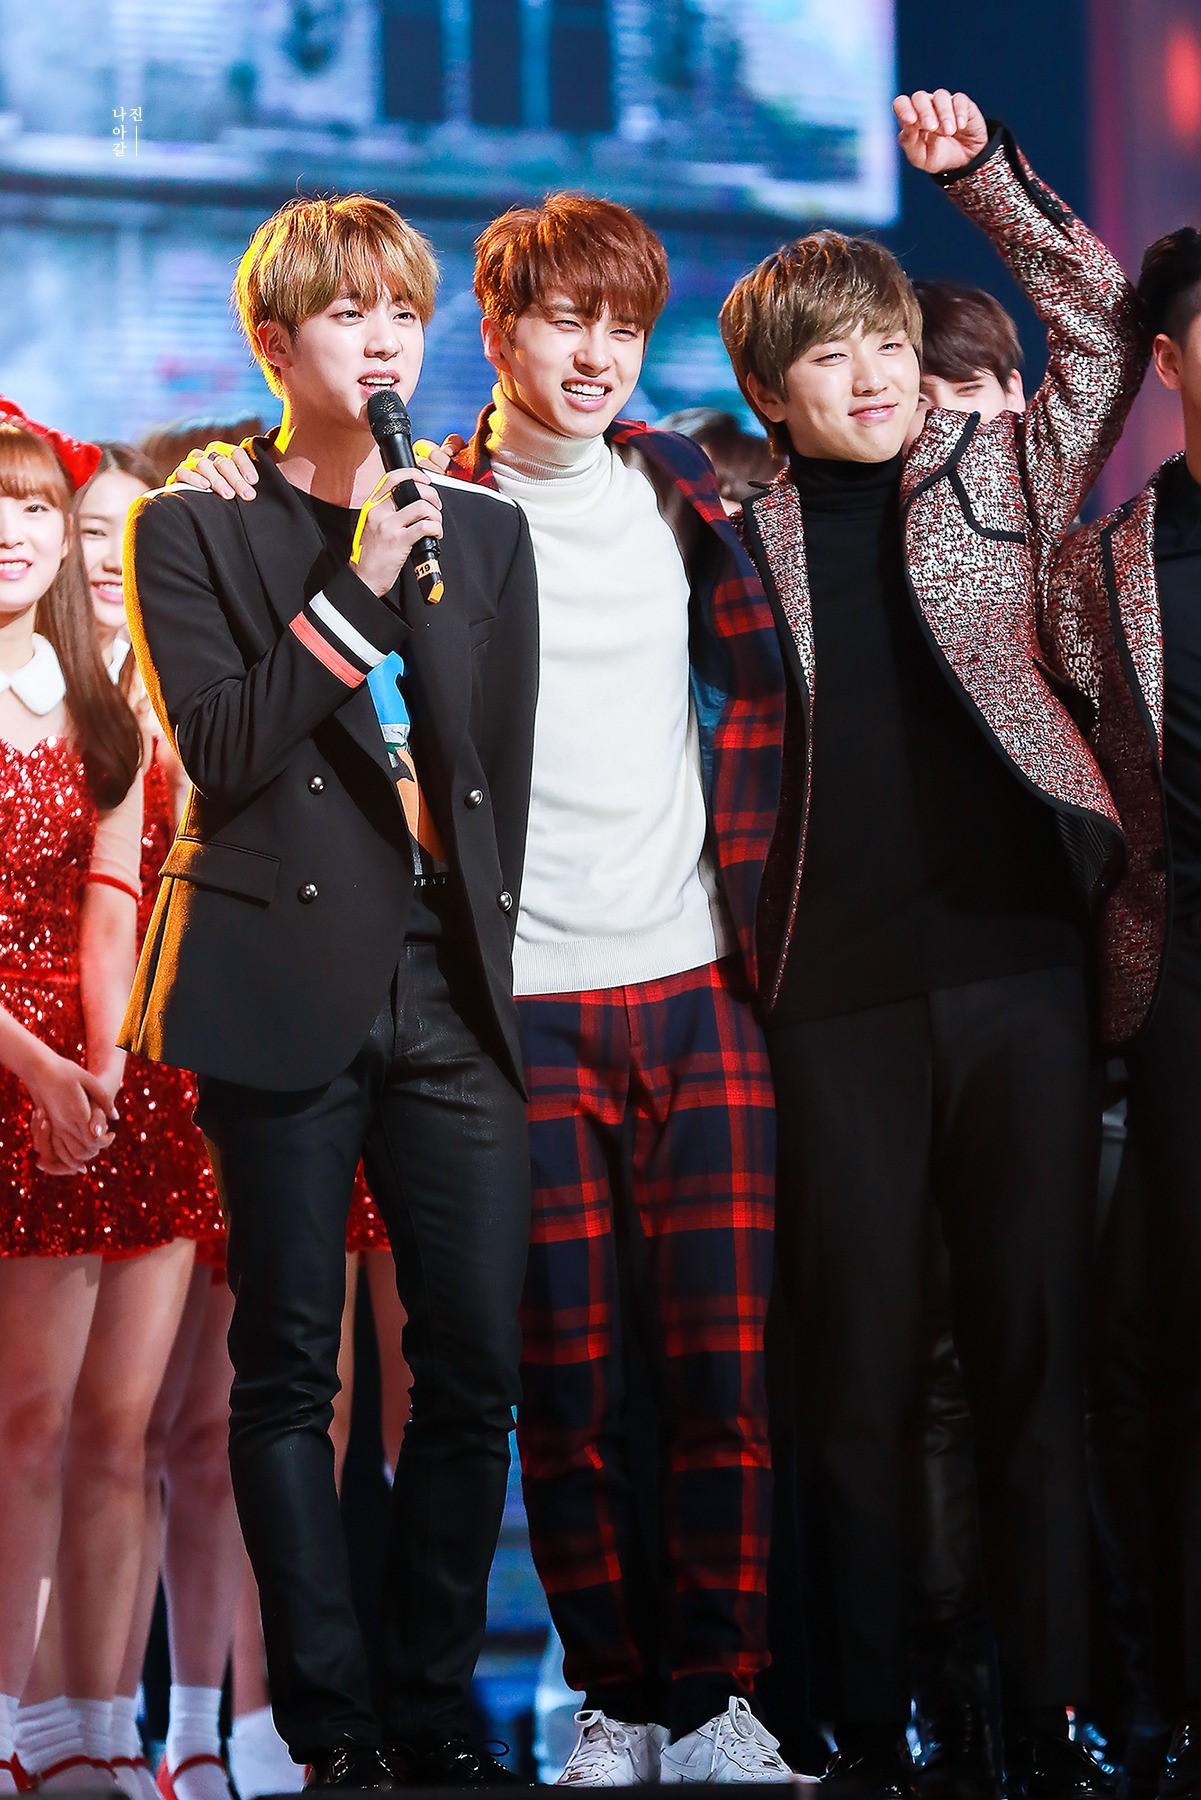 Những tình anh em trong giới giải trí Hàn Quốc khiến fan đẩy thuyền đam mỹ mê mệt (P.2) - Ảnh 9.